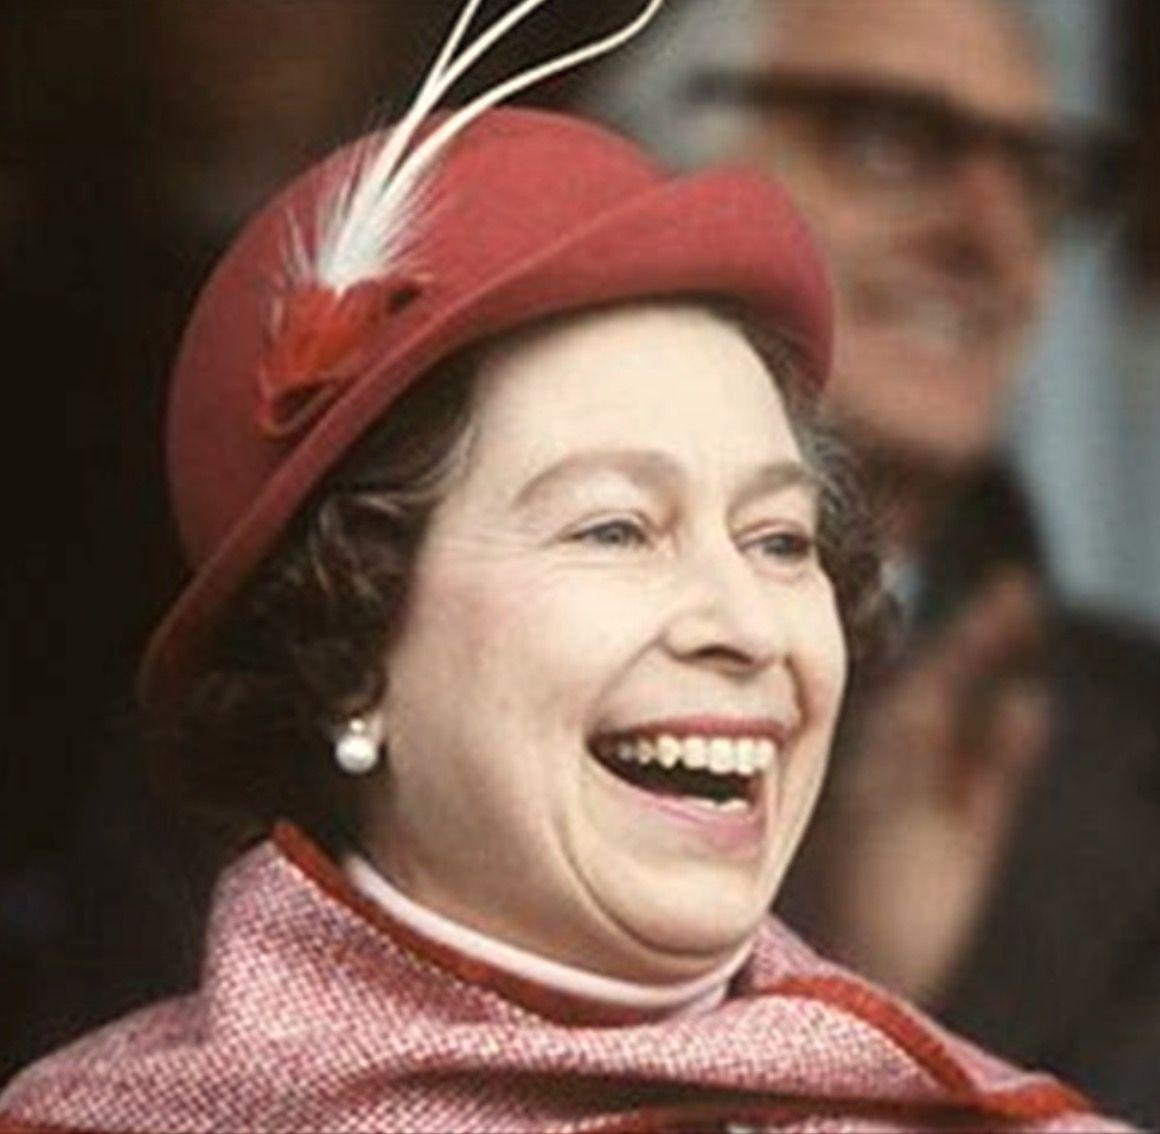 Pin On Queen Elizabeth Ii Queen Elizabeth Elizabeth Ii Queen Elizabeth Ii